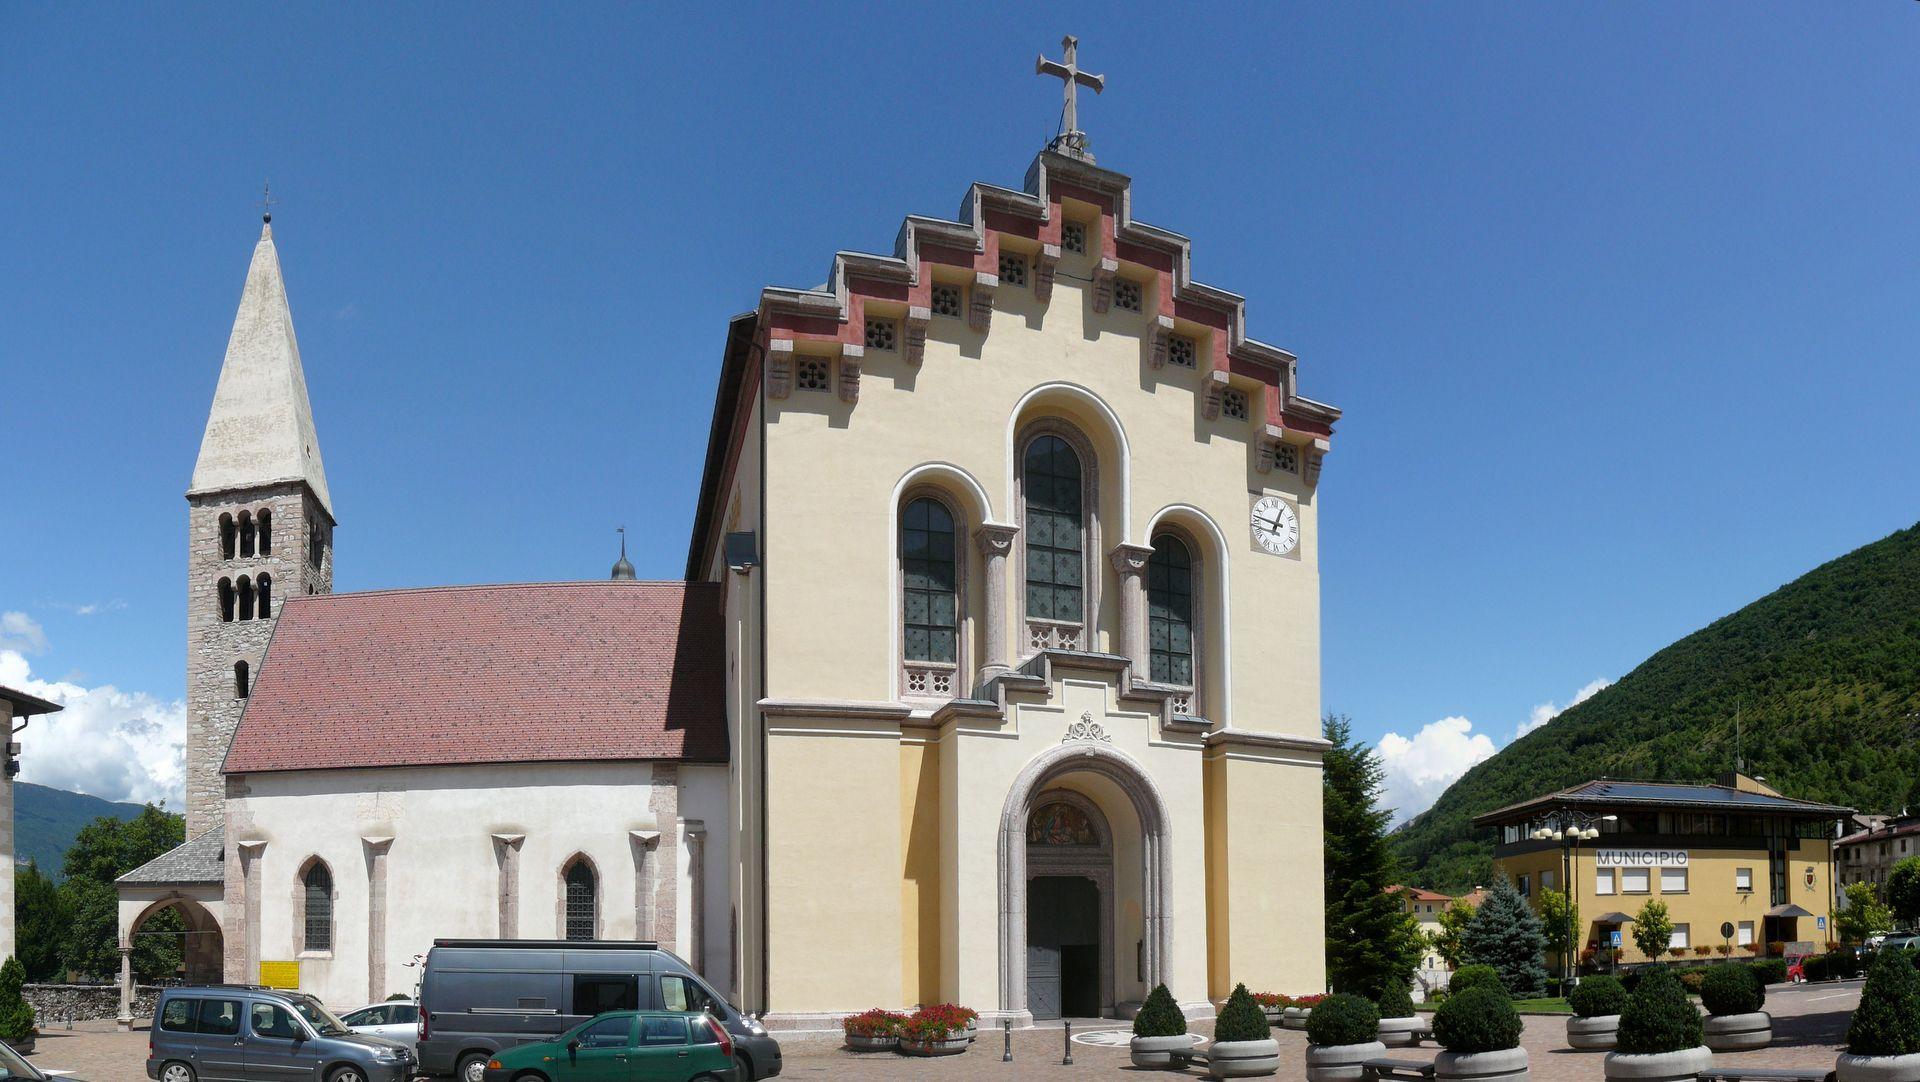 The Church of St. Vigilio in Sportmaggiore